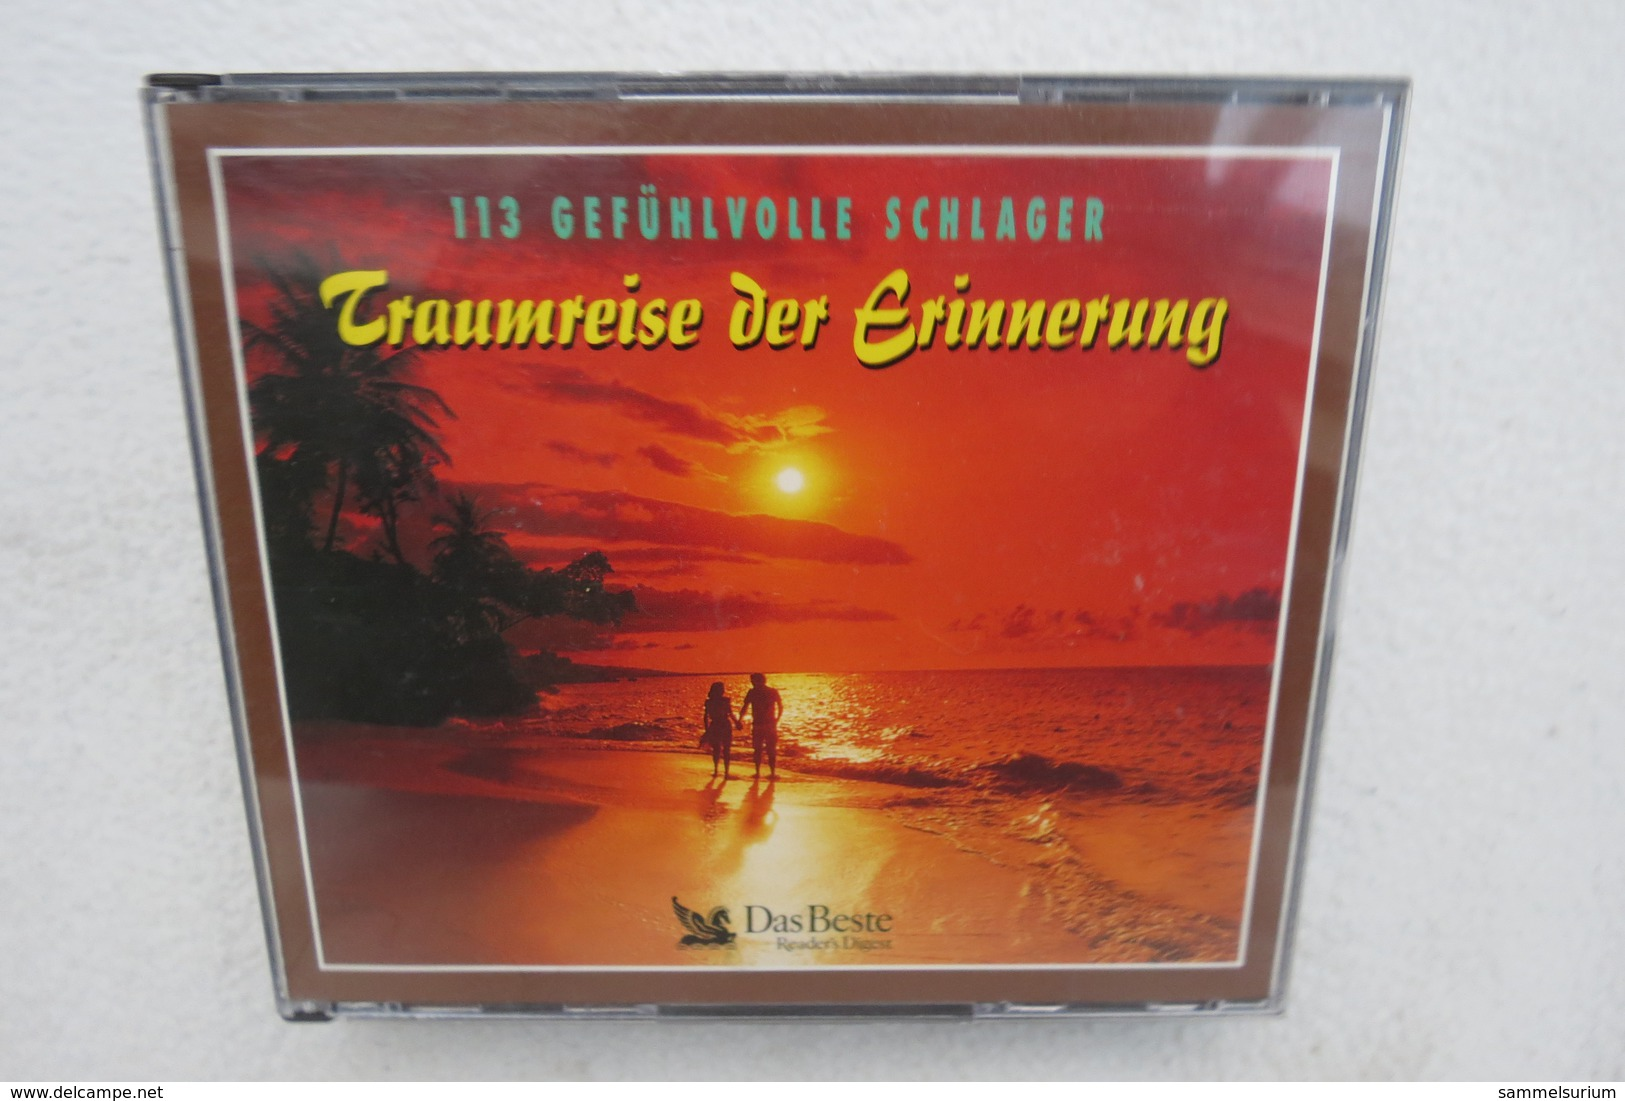 """3 CDs """"Traumreise Der Erinnerung"""" 113 Gefühlvolle Schlager - Sonstige - Deutsche Musik"""